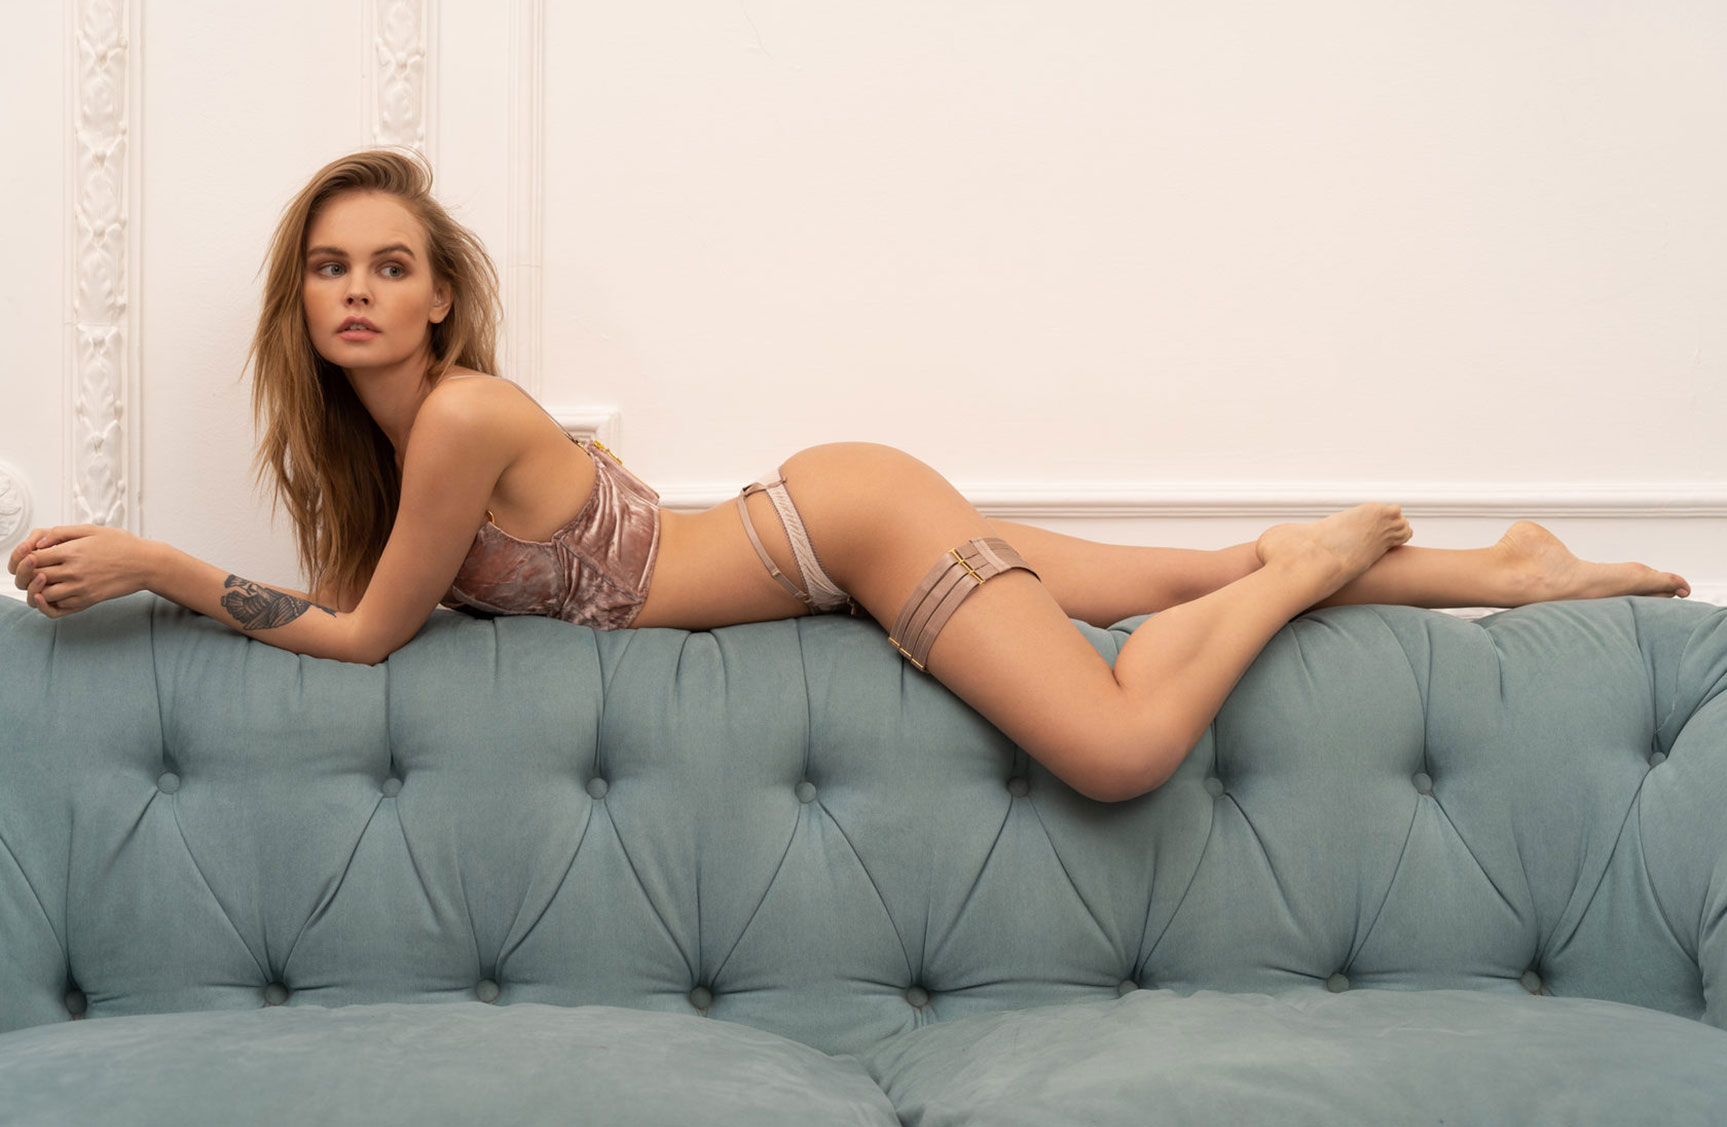 Anastasiya Scheglova / Анастасия Щеглова в новой коллекции 2019 года нижнего белья модного бренда Verse Sensual Underwear